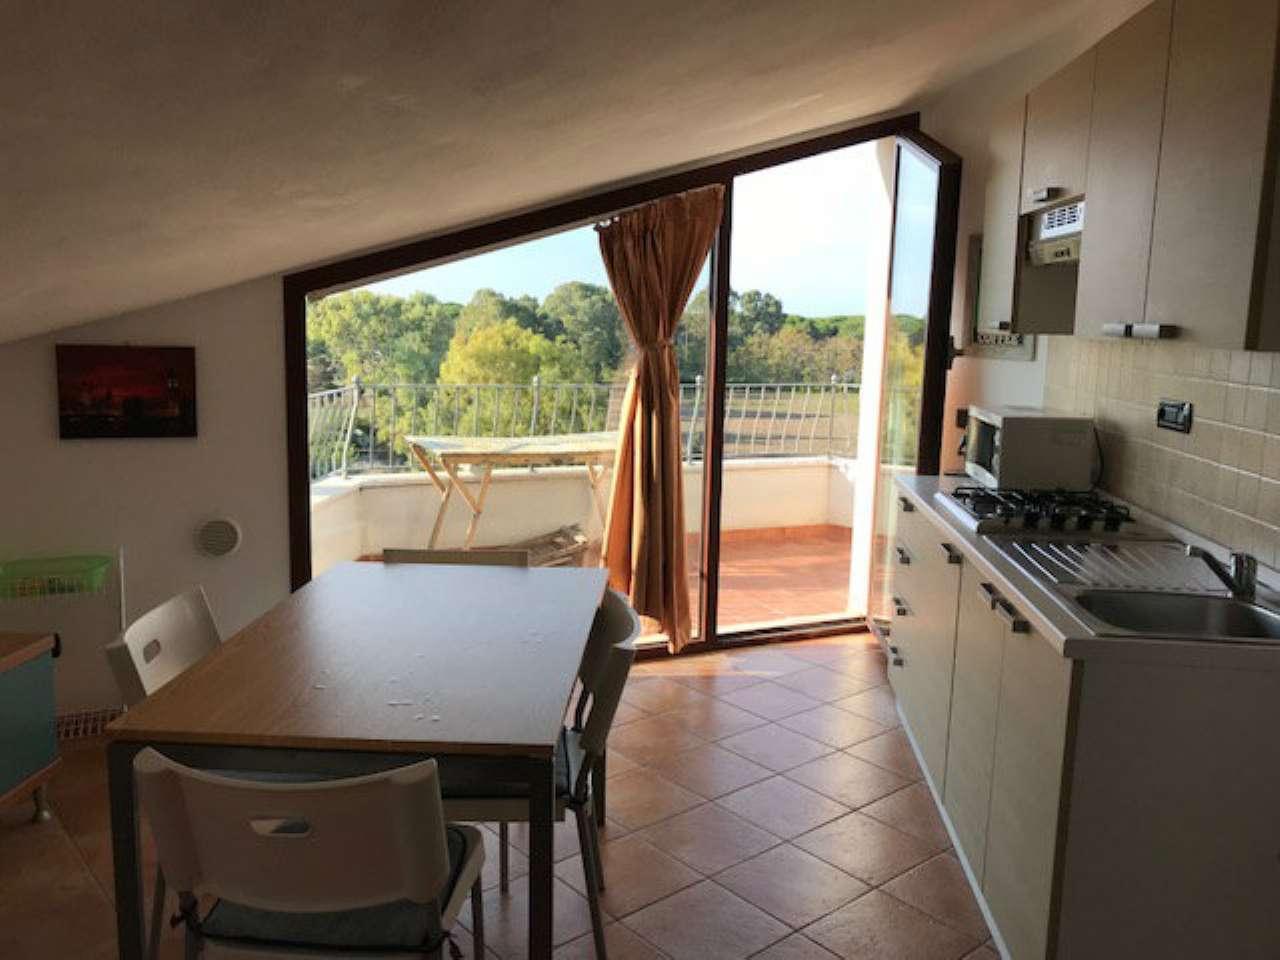 Attico / Mansarda in affitto a Alghero, 2 locali, prezzo € 500 | CambioCasa.it